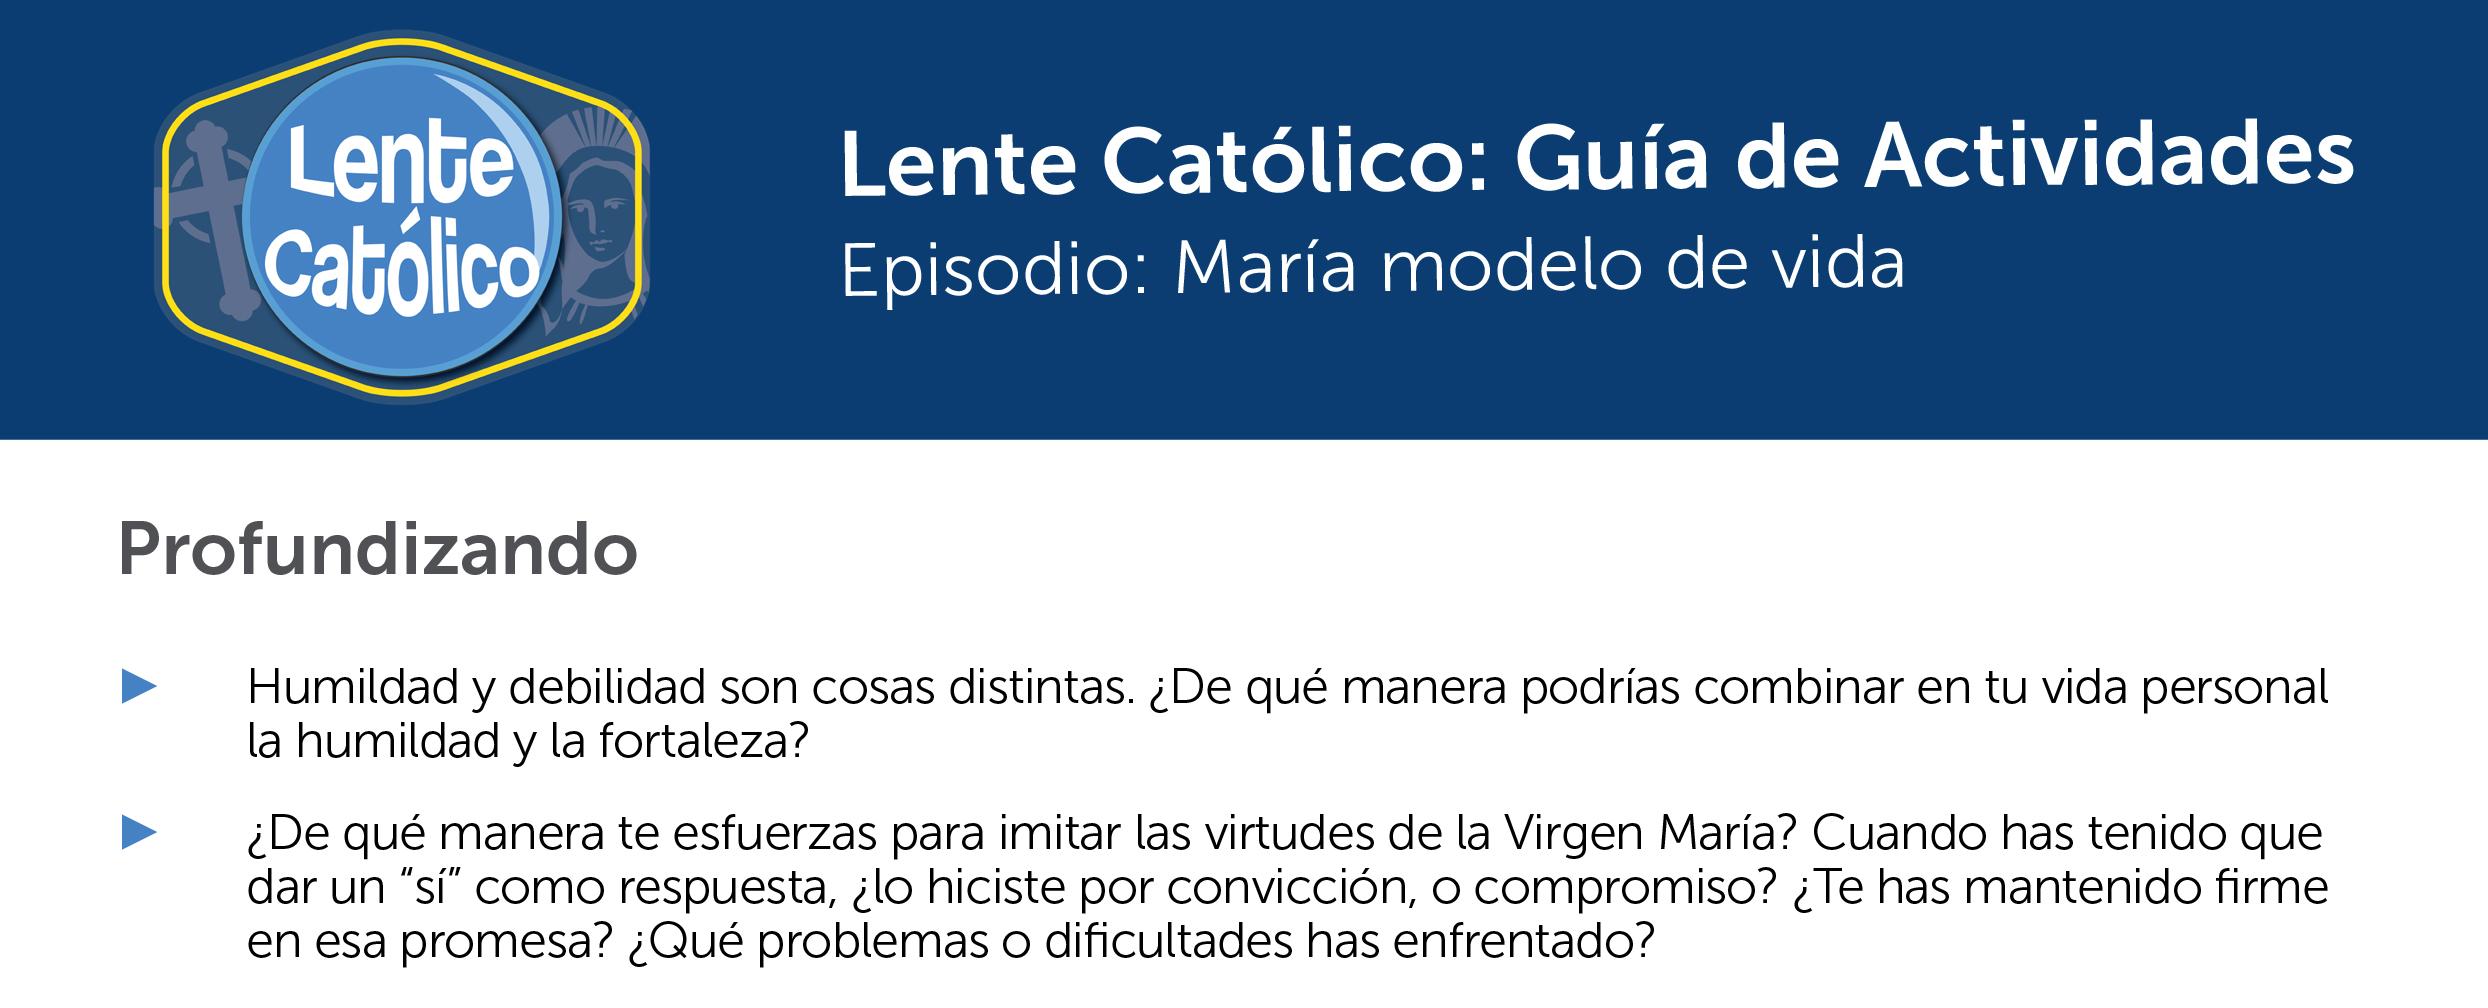 María Modelo de Vida - photo guide-1